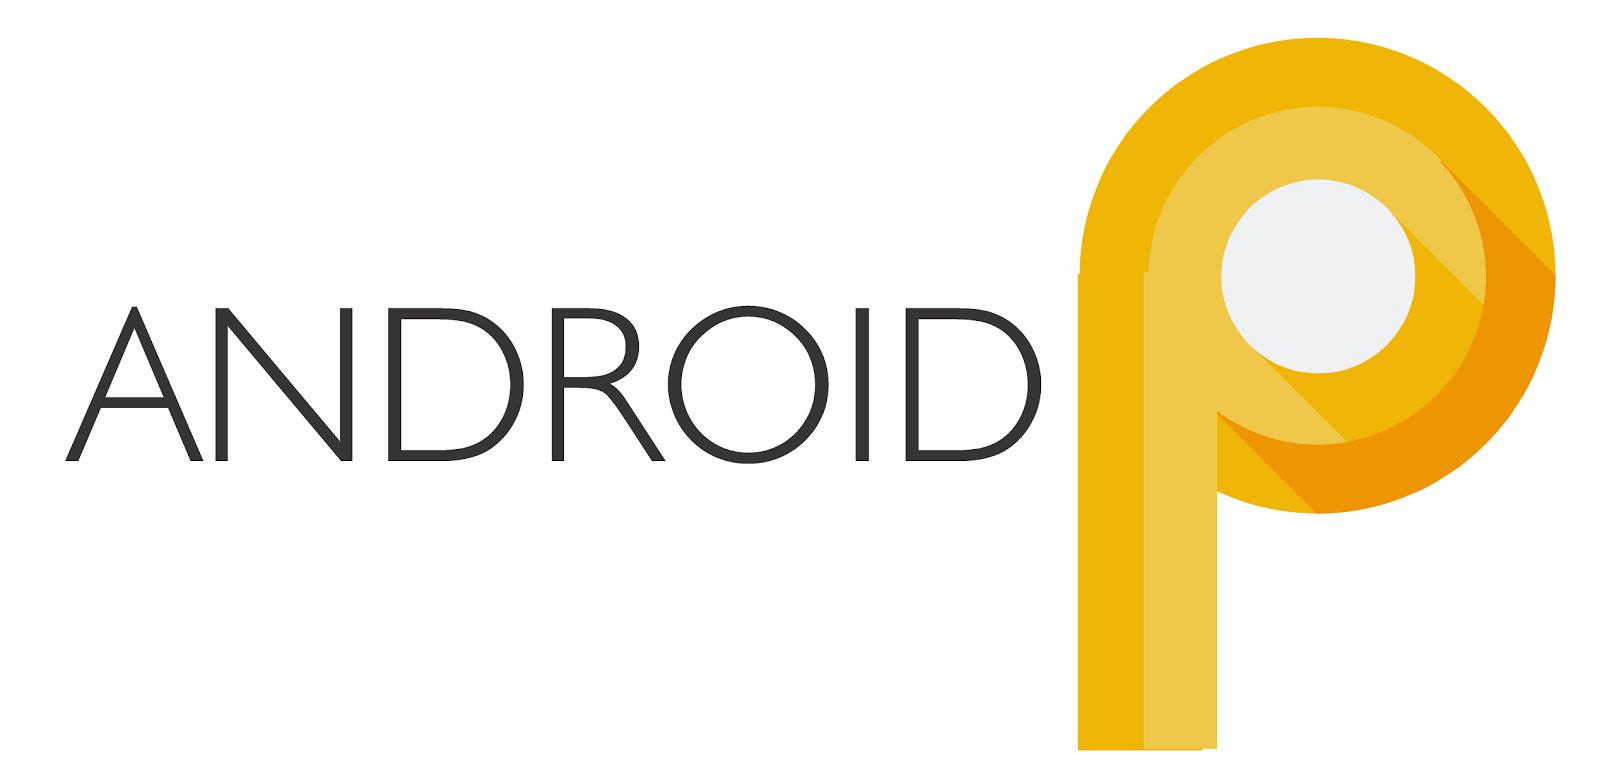 Google Pixel : où télécharger Android 9.0 Pie ?